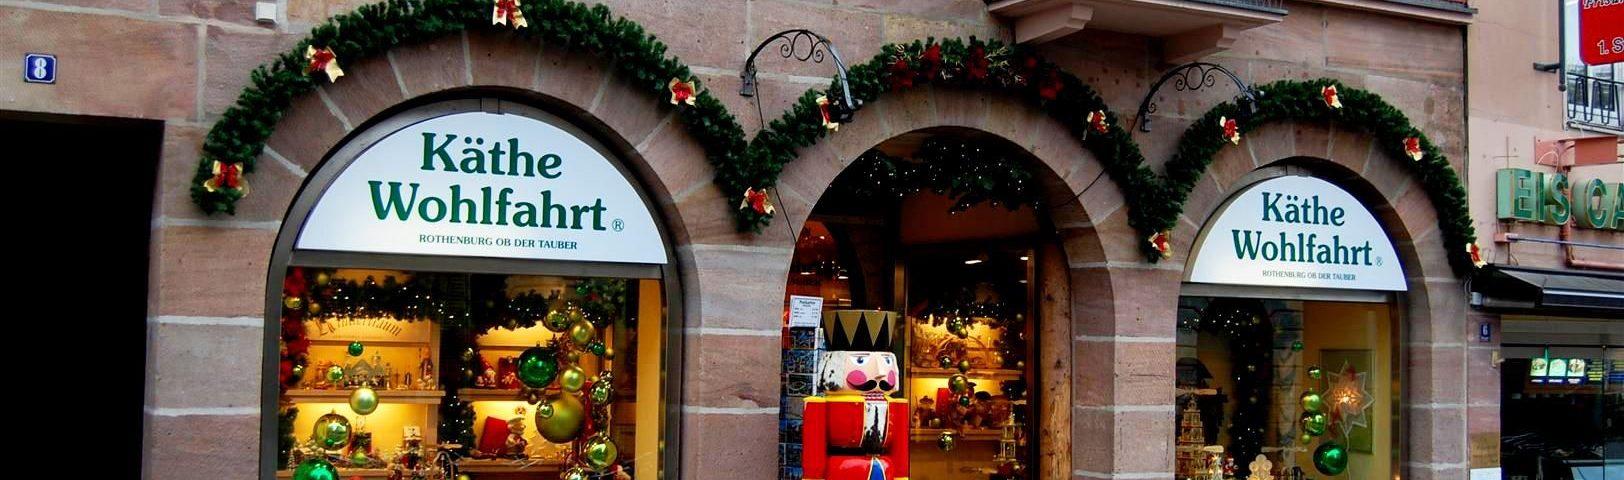 Магазин рождественских игрушек в Нюрнберге (Käthe Wohlfahrt Nürnberg)